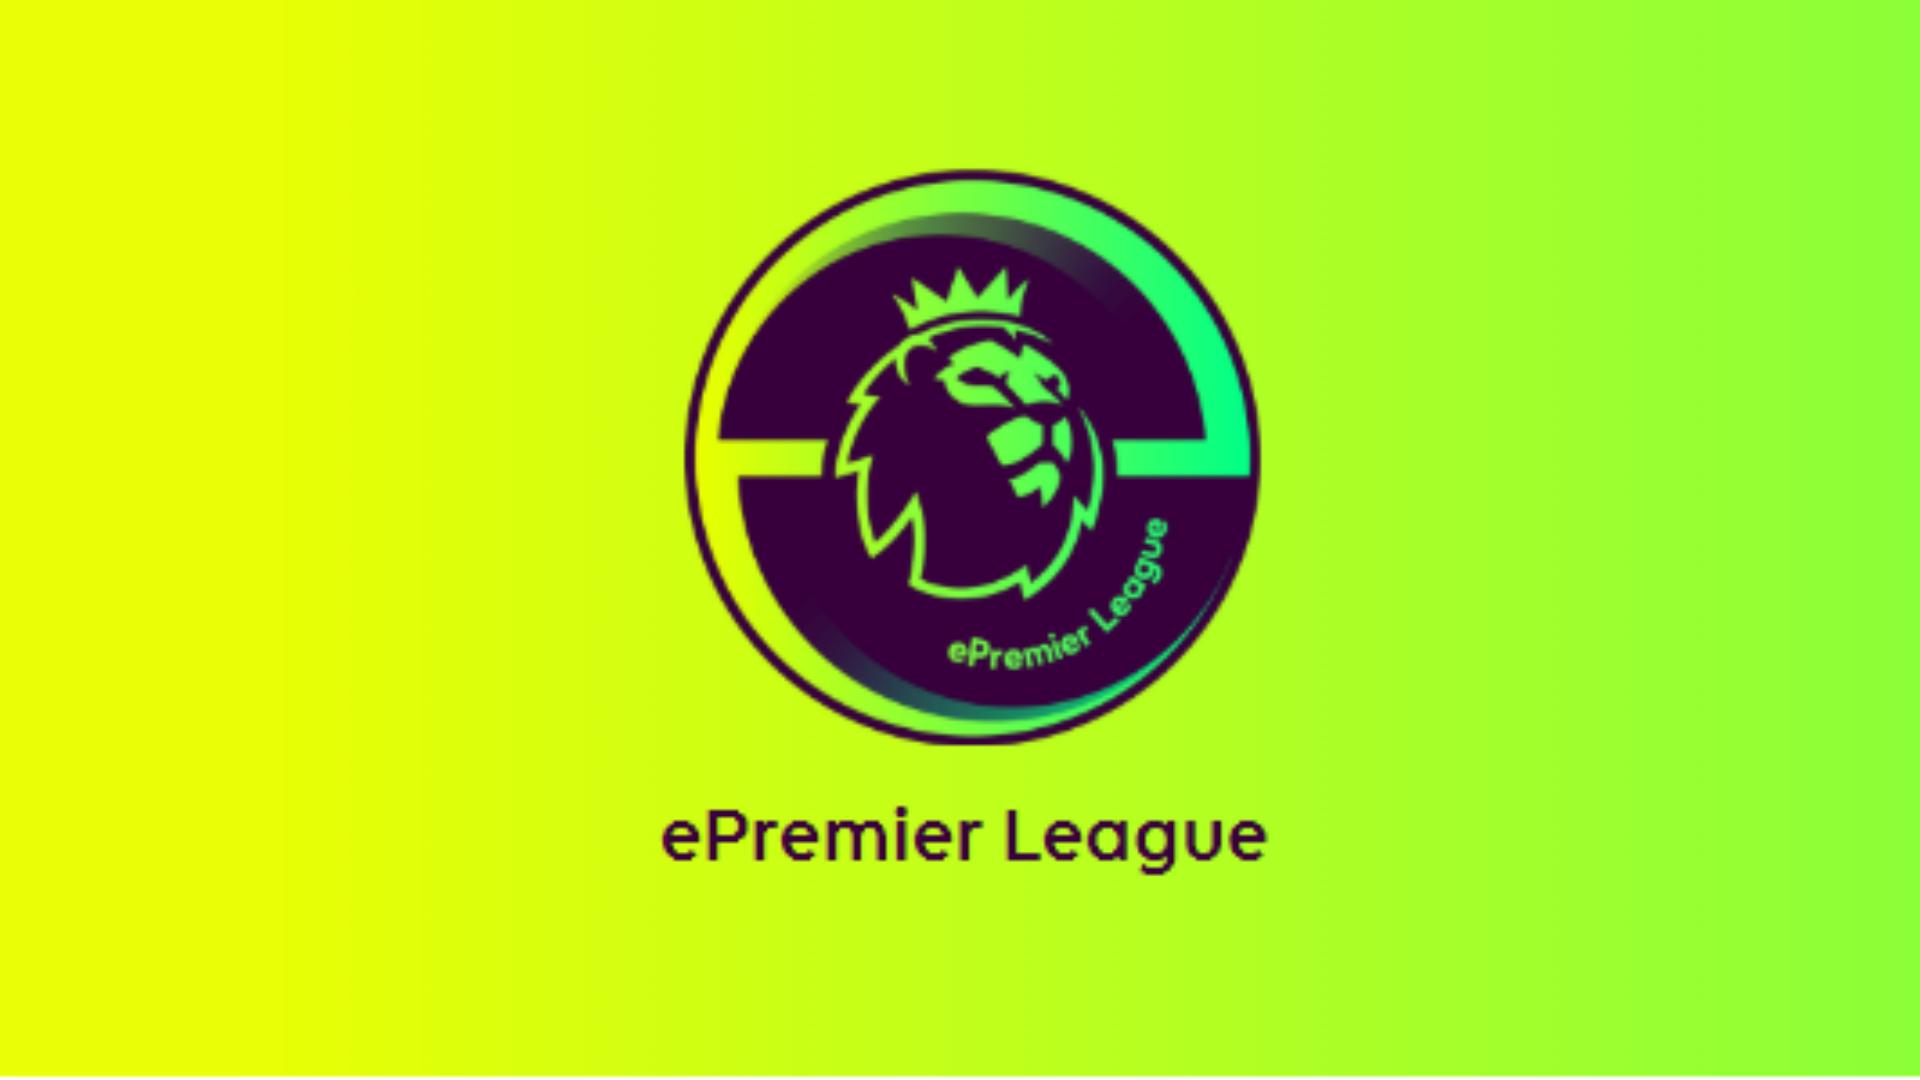 FIFA 19 news: EA Sports announce ePremier League tournament